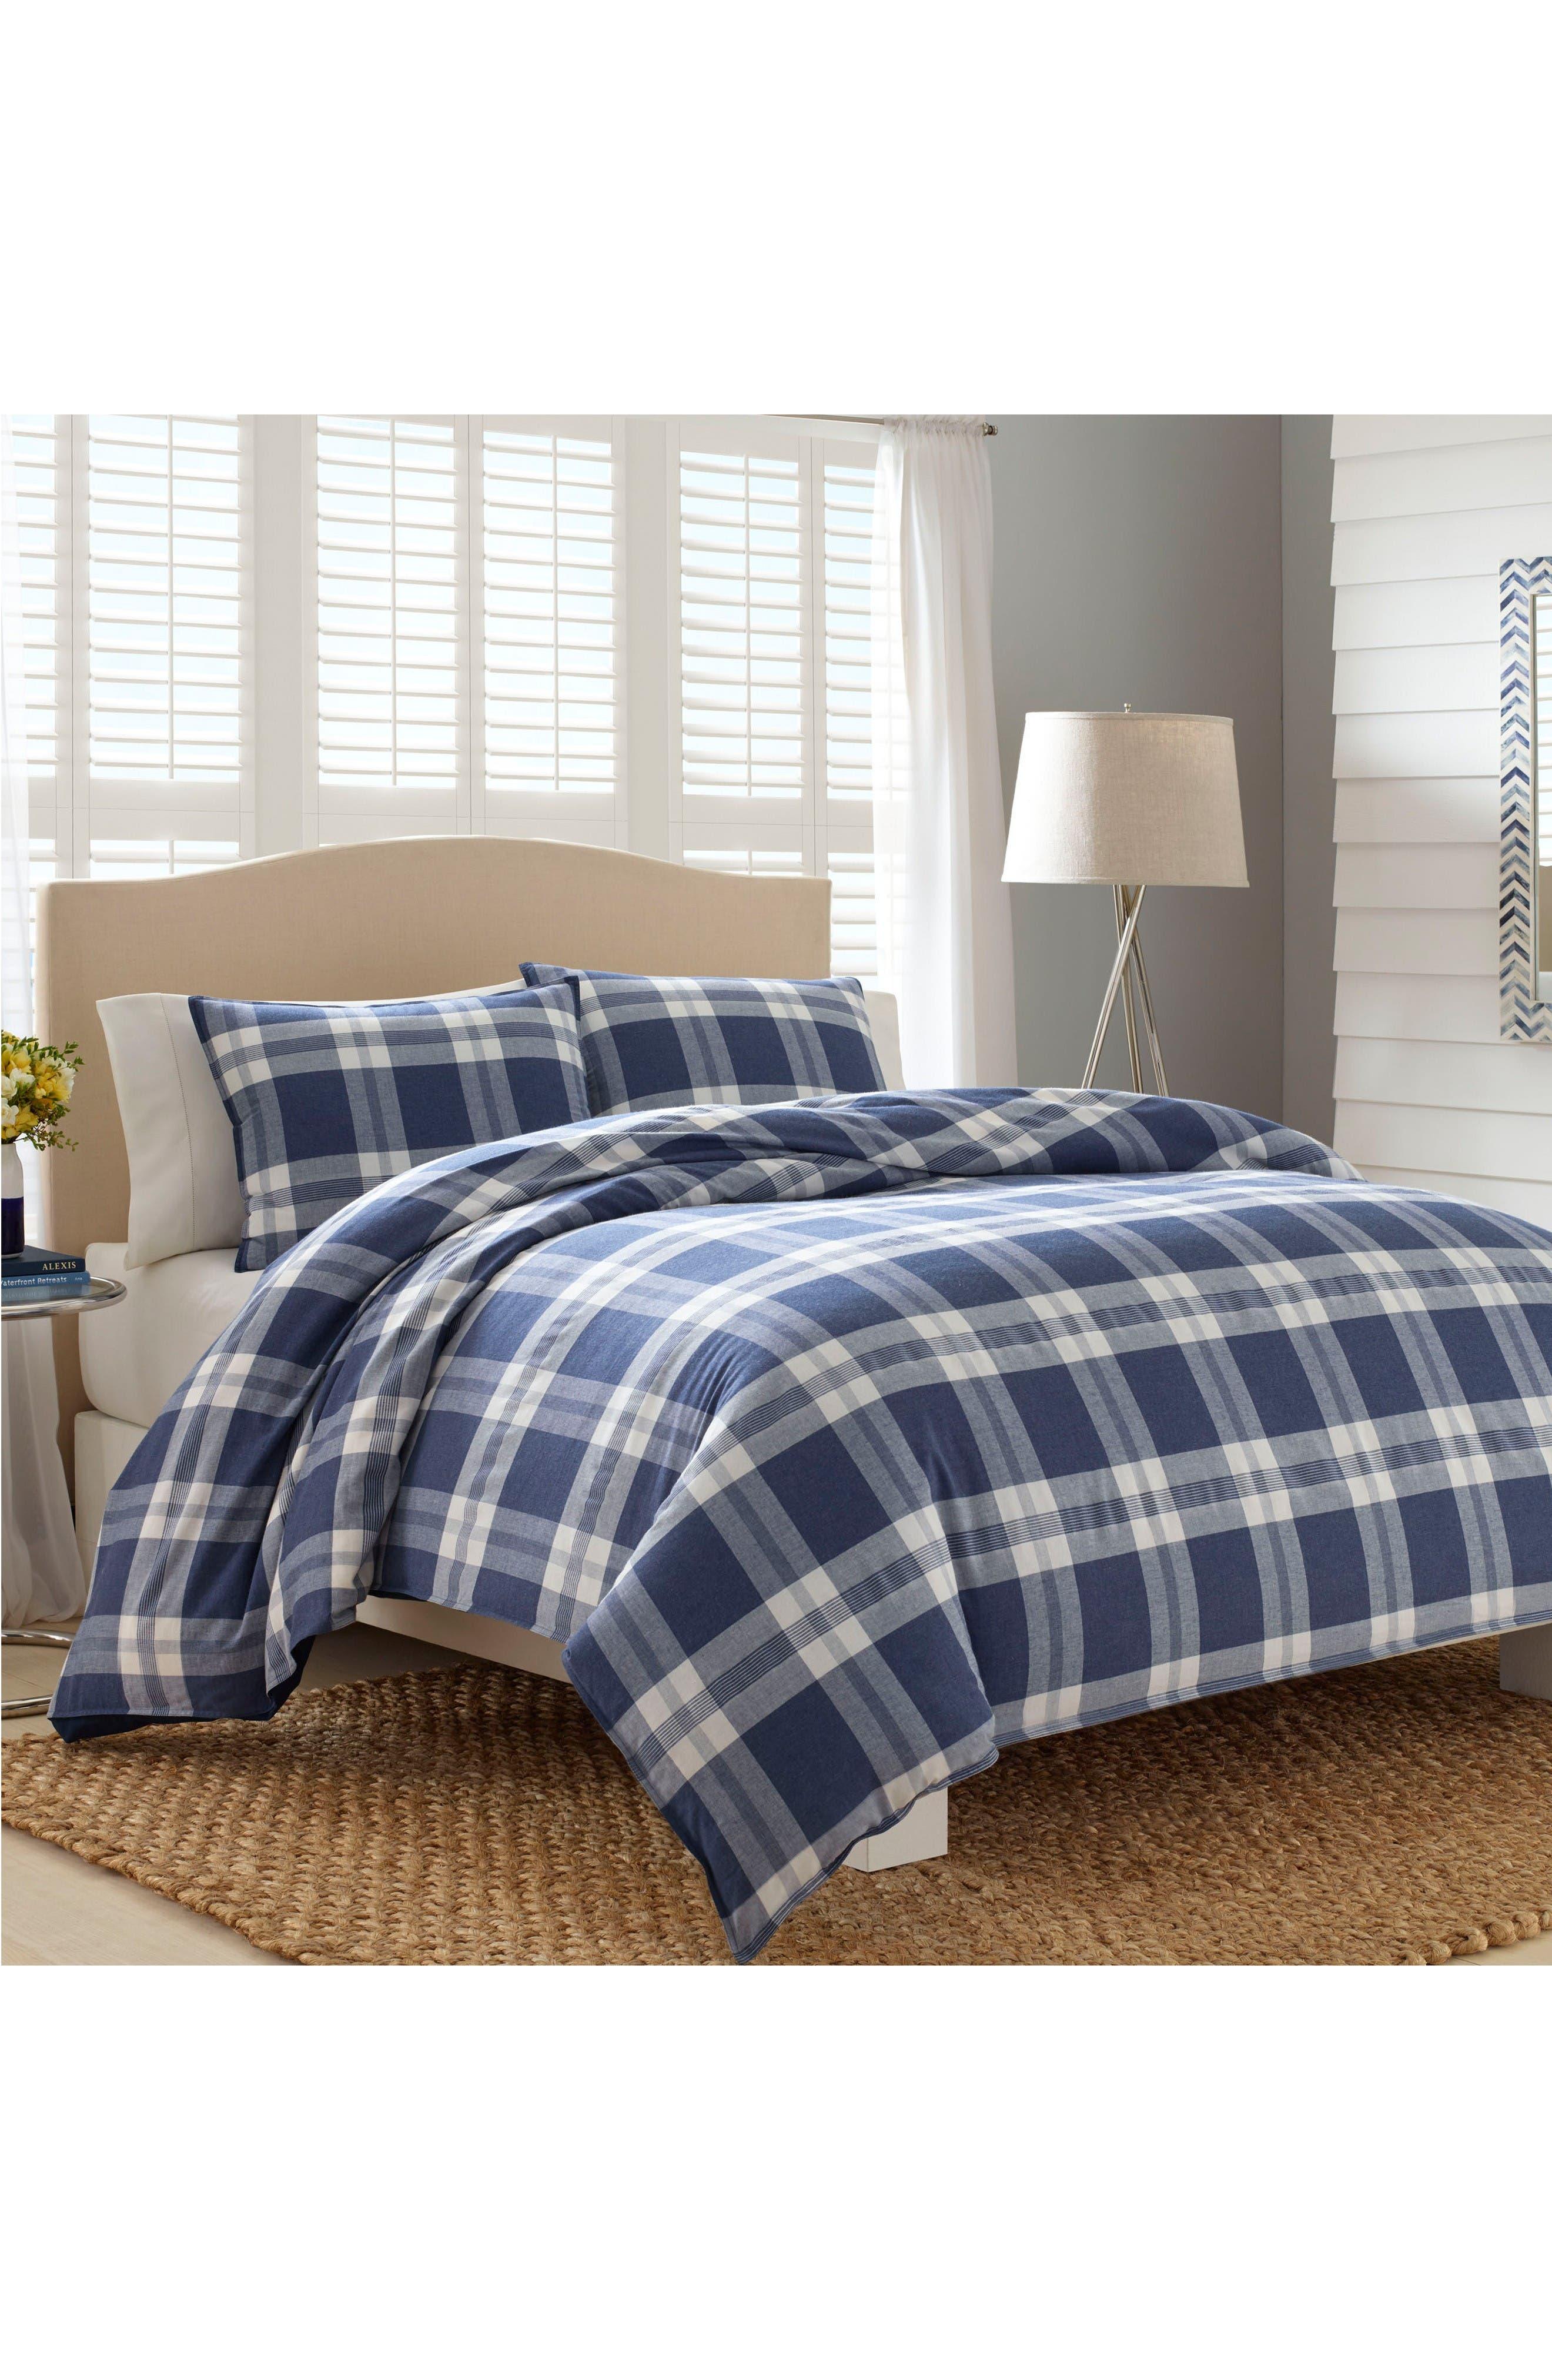 Cunningham Comforter & Sham Set,                         Main,                         color, Blue